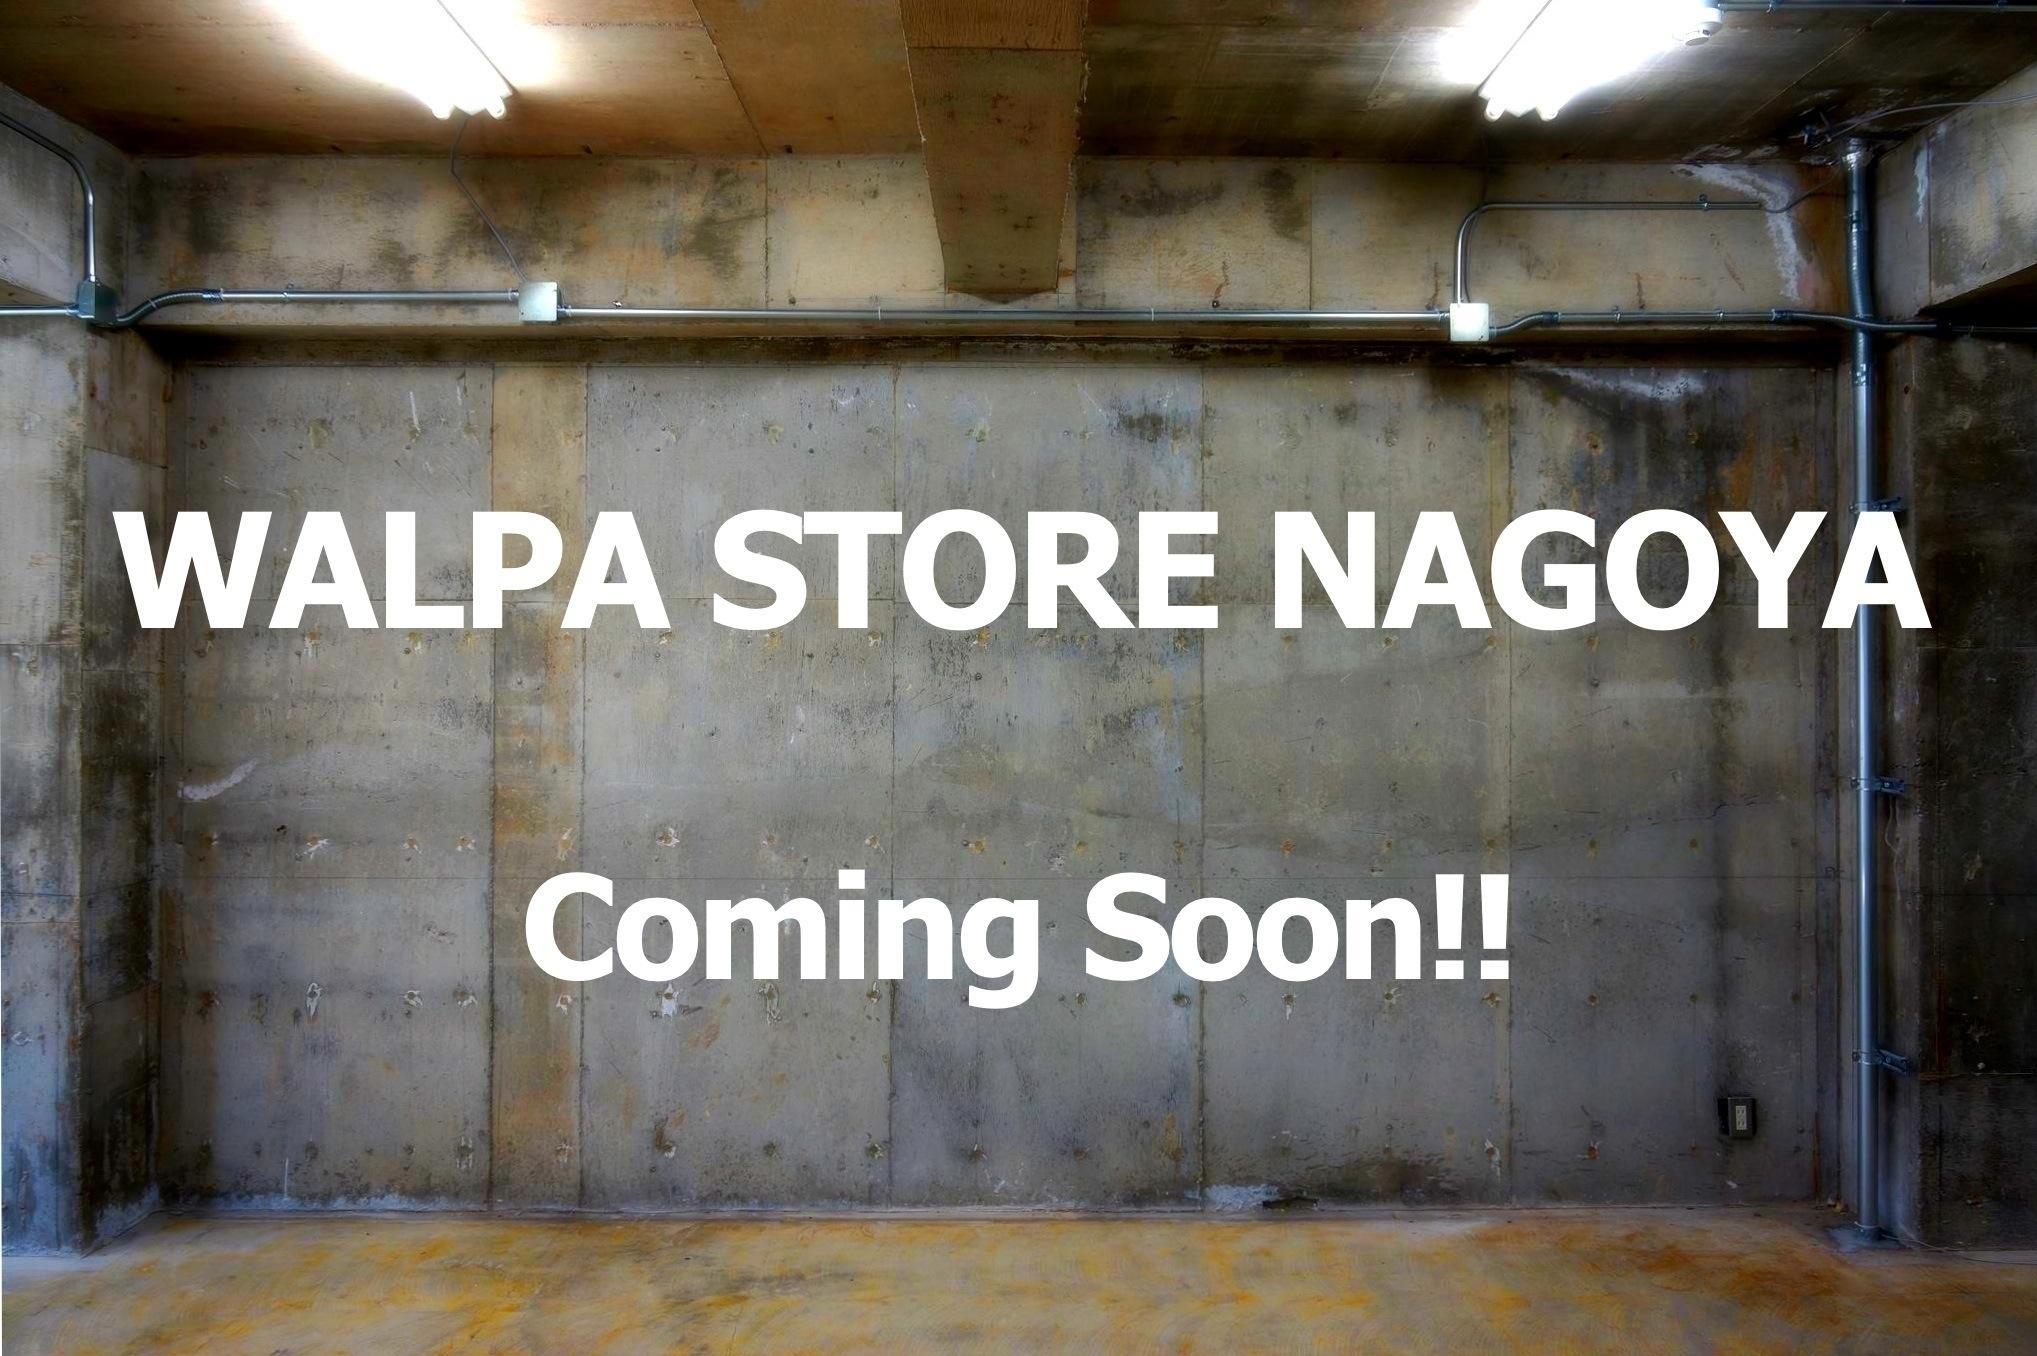 巷で話題の輸入壁紙専門店 Walpa がついに名古屋に登場 Walpa 株式会社フィル のプレスリリース